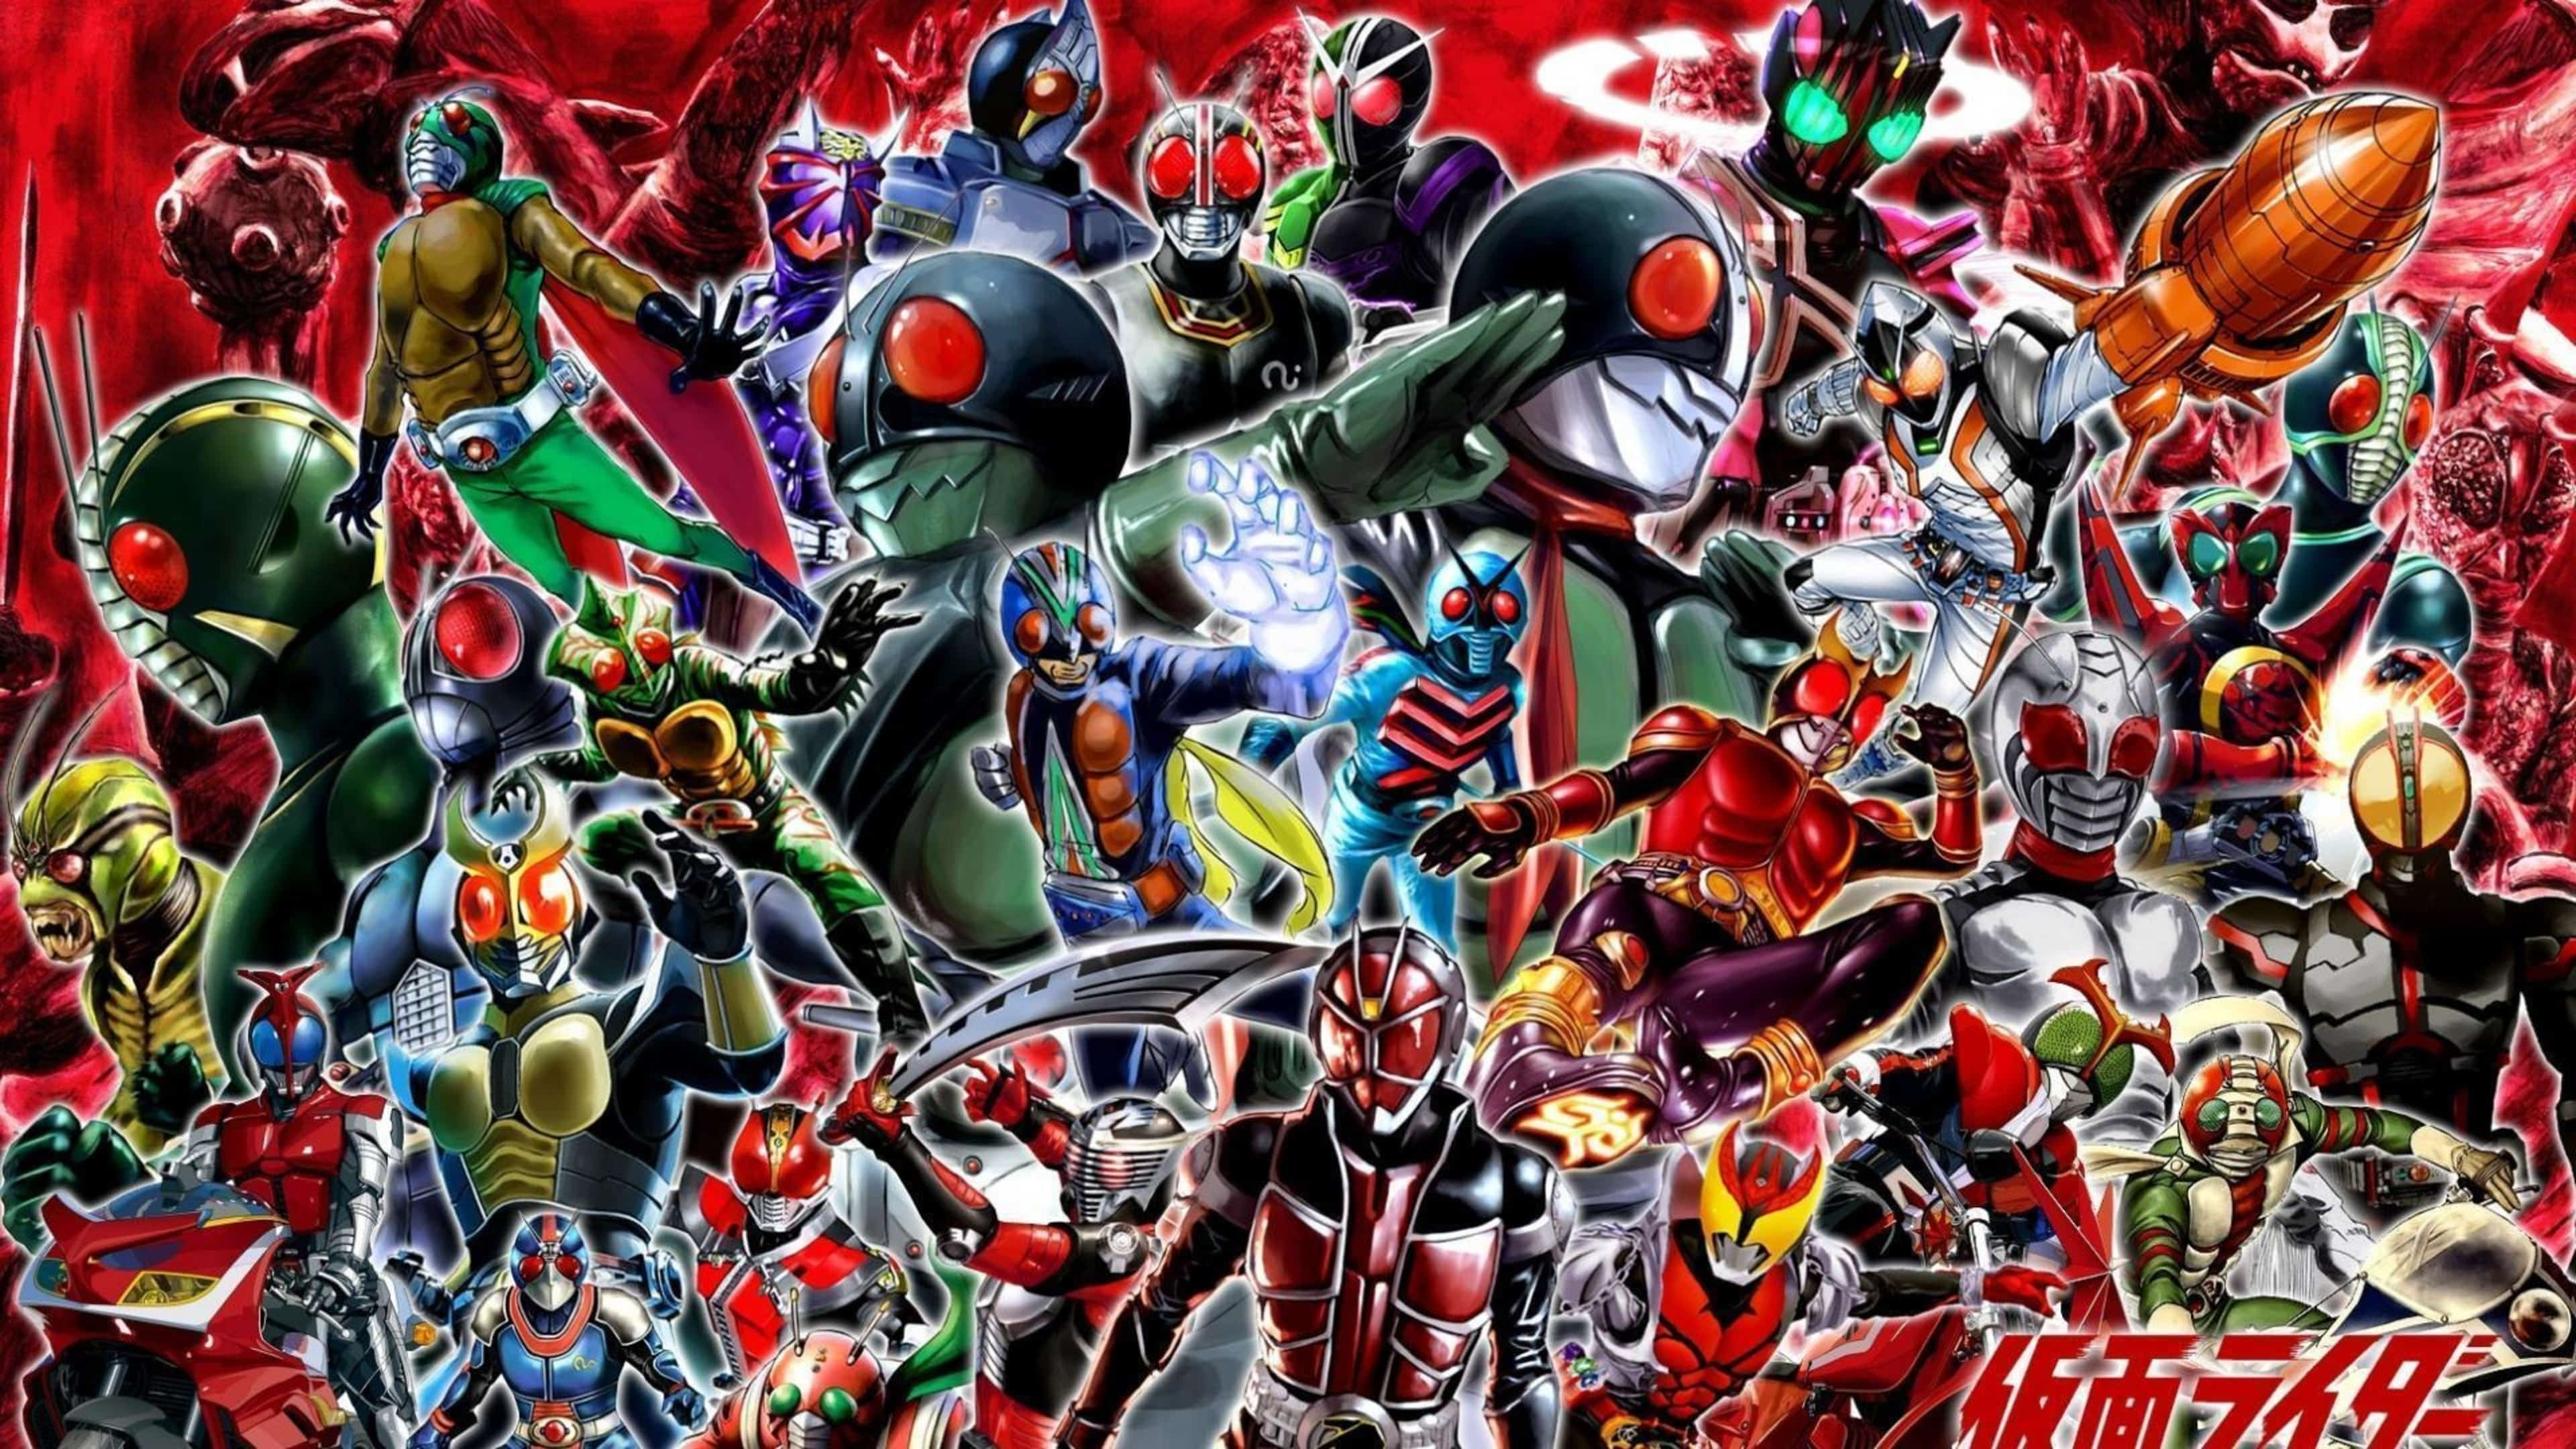 Kamen Rider - Wizard